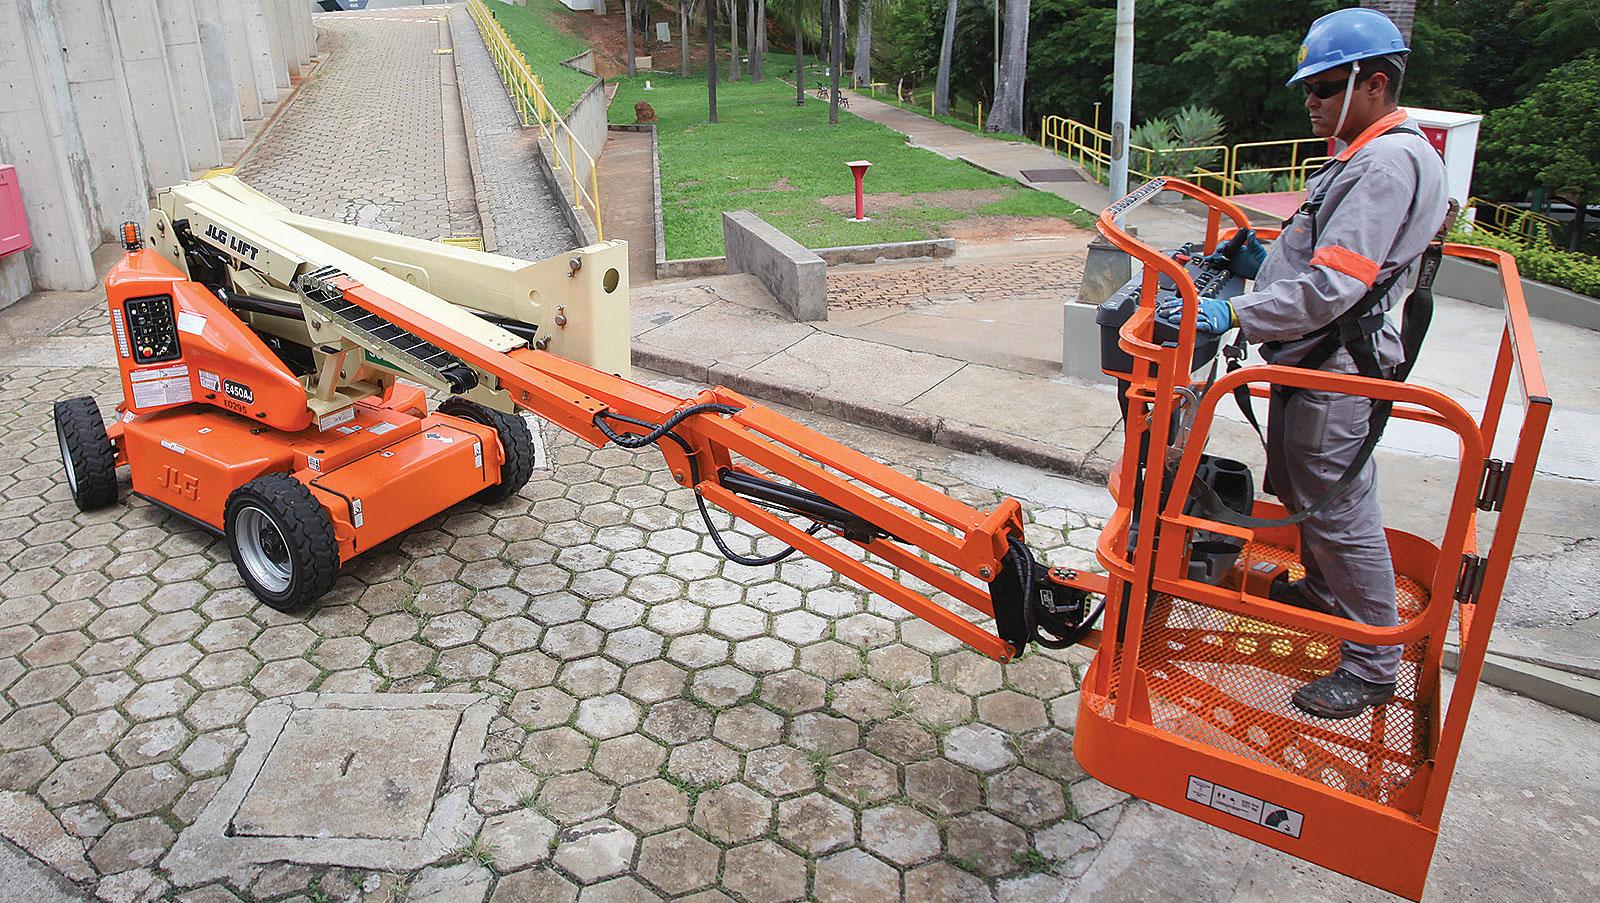 slide2-jlg450